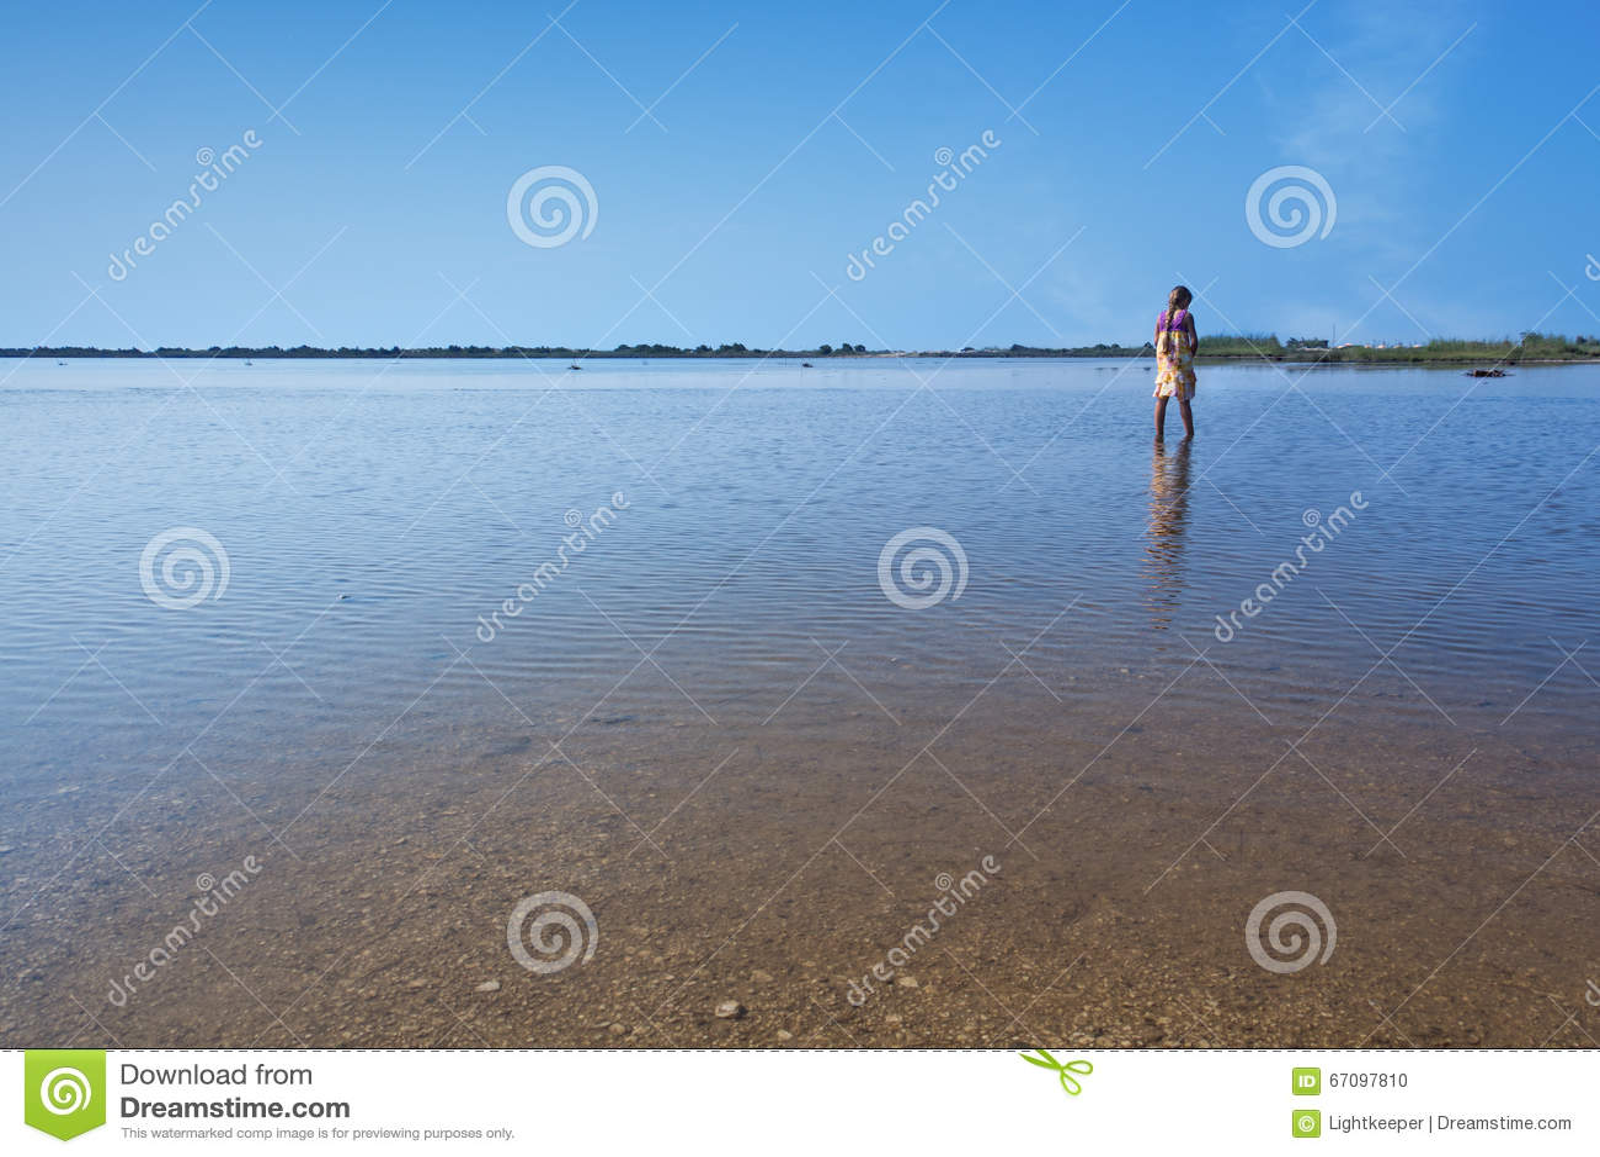 Jeziorny Korission w Corfu - z dziewczyny odprowadzeniem troszkę